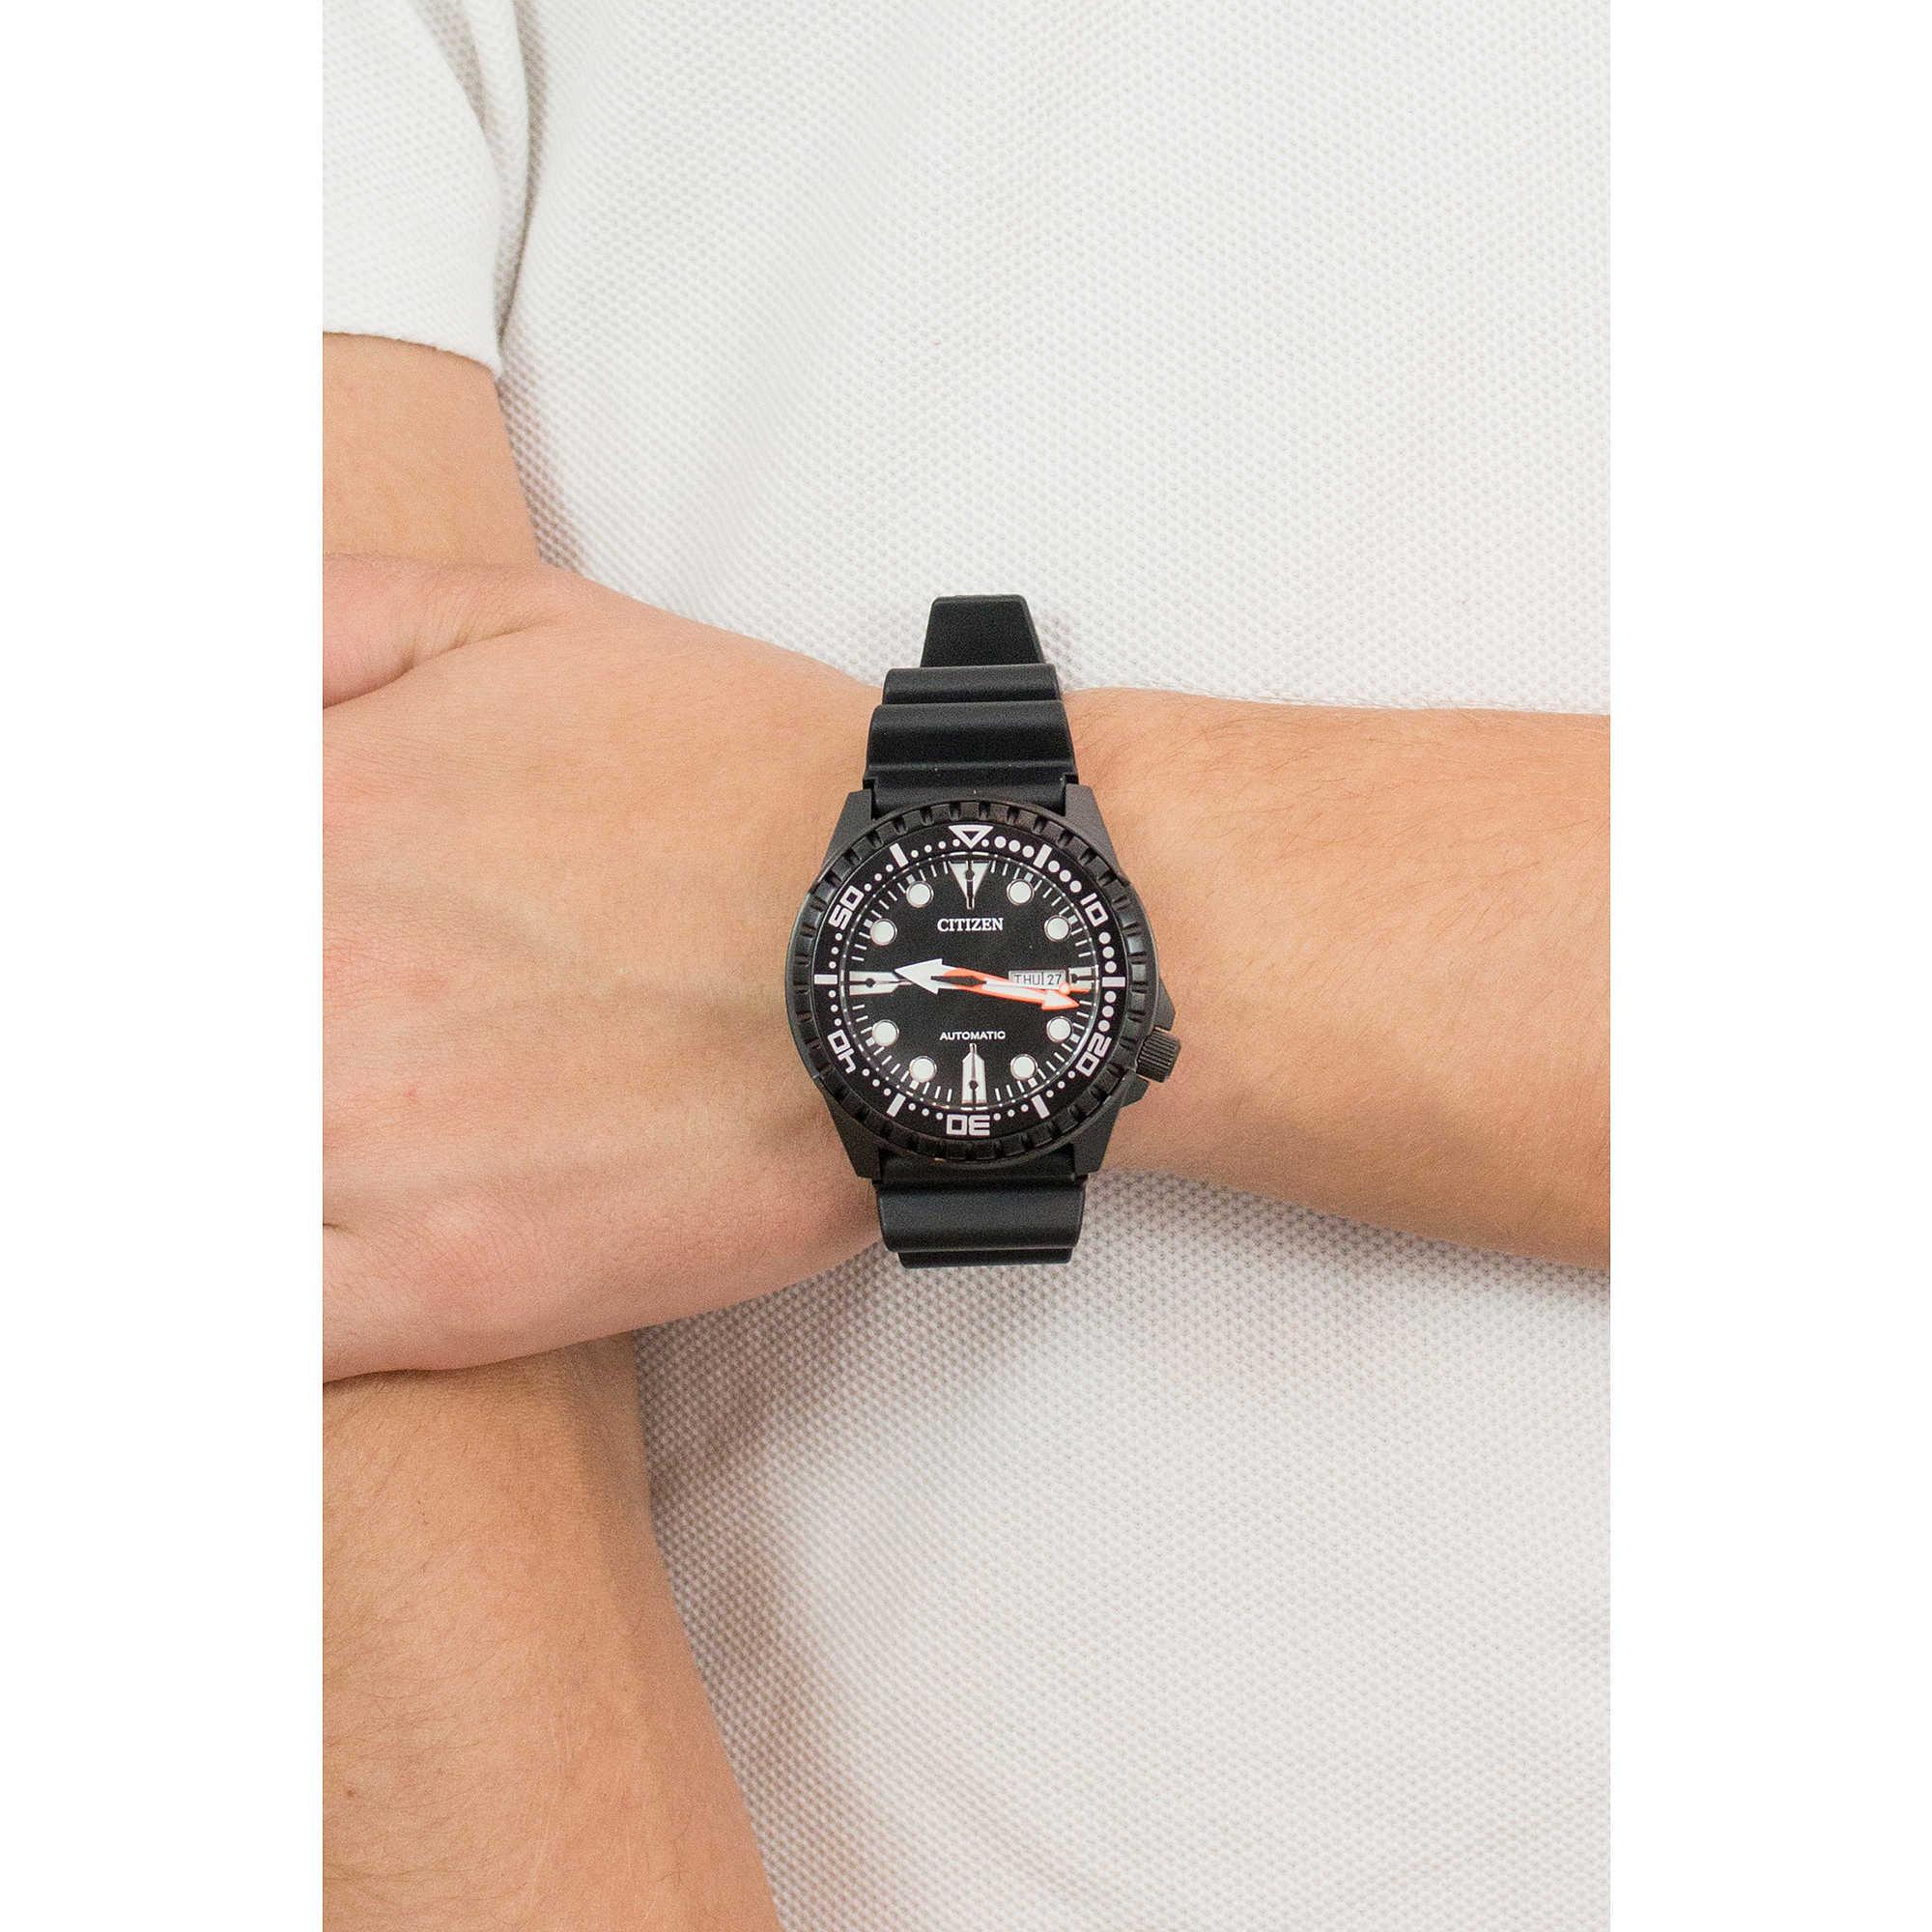 b70da784c3a watch only time man Citizen Marine Sport NH8385-11E only time Citizen